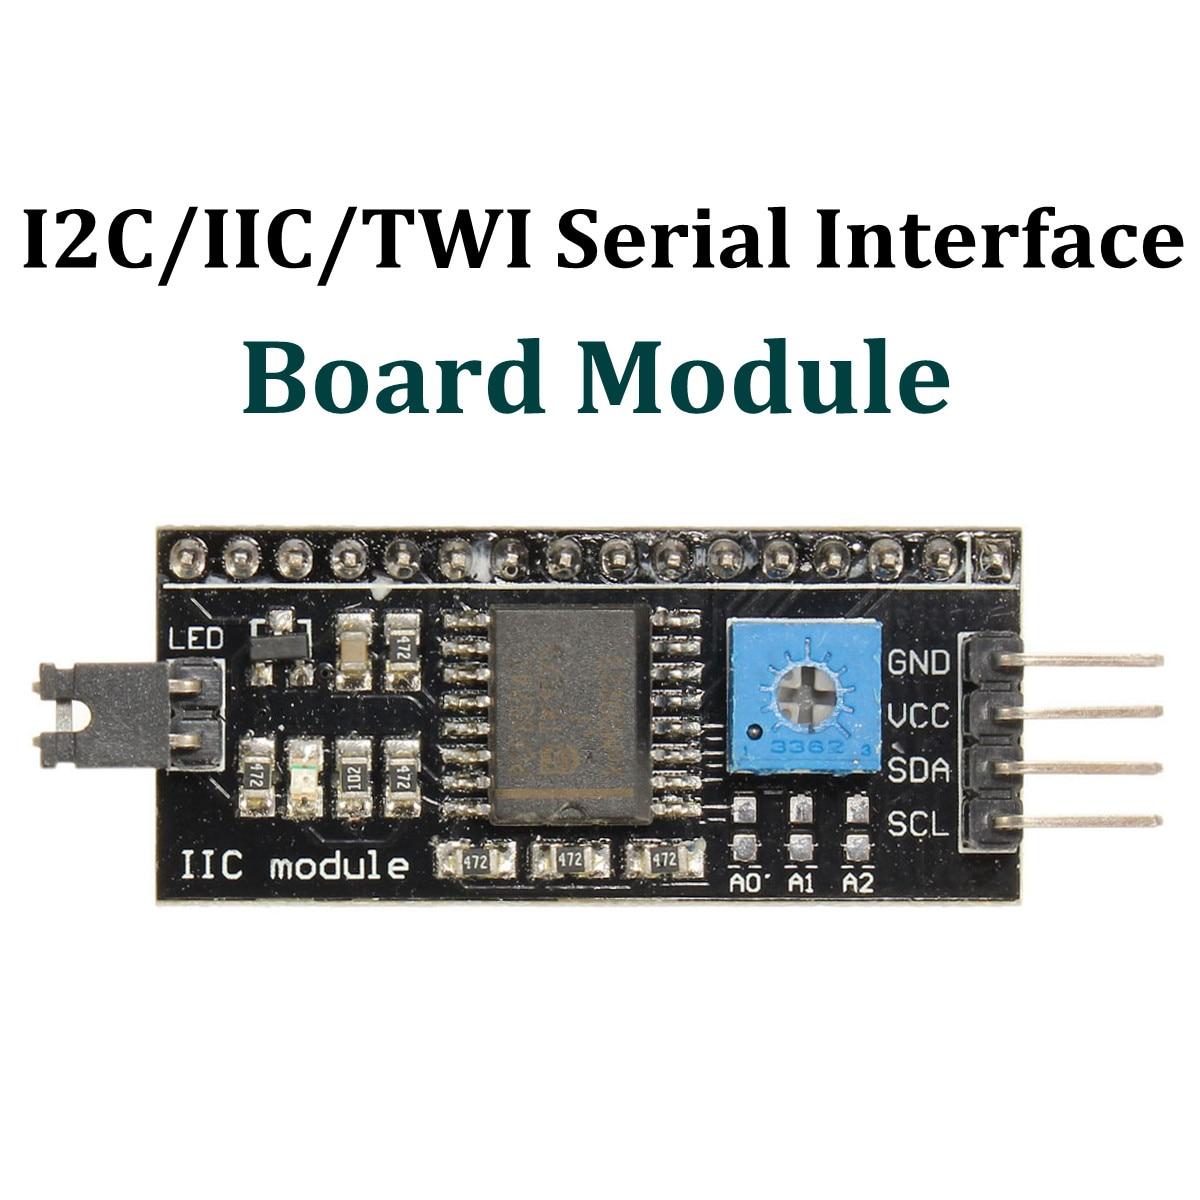 Gewissenhaft Neue Ankunft I2c/iic/twi Serielle Interface Board Modul Für Arduino R3 Lcd 1602 Display 54x19mm 5 V Heißer Verkauf Lcd Module